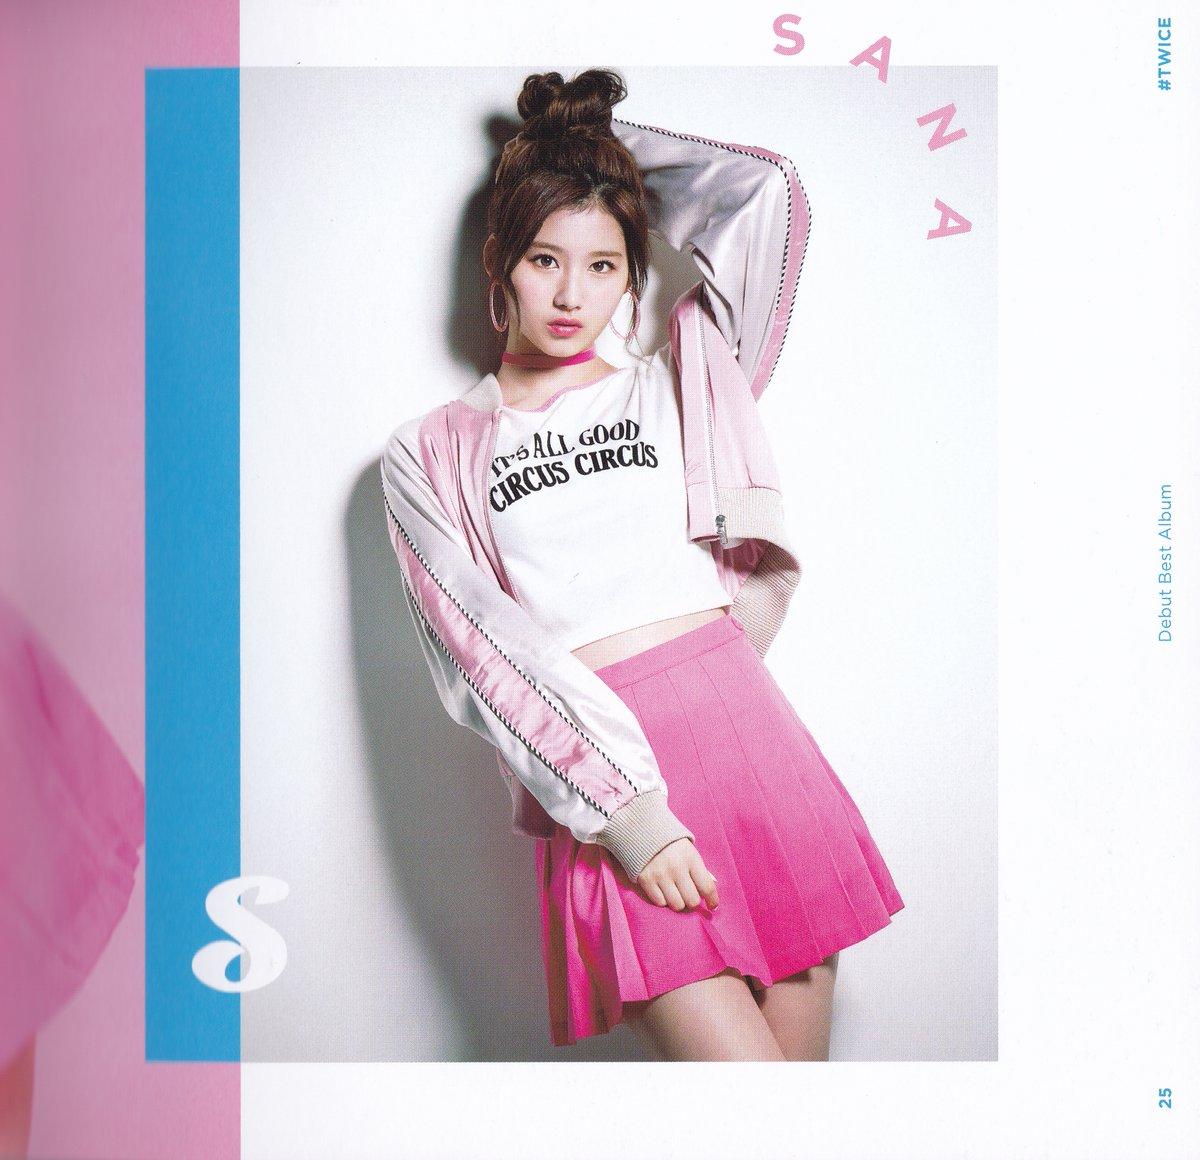 [SCANS] TWICE Japon Debut Album